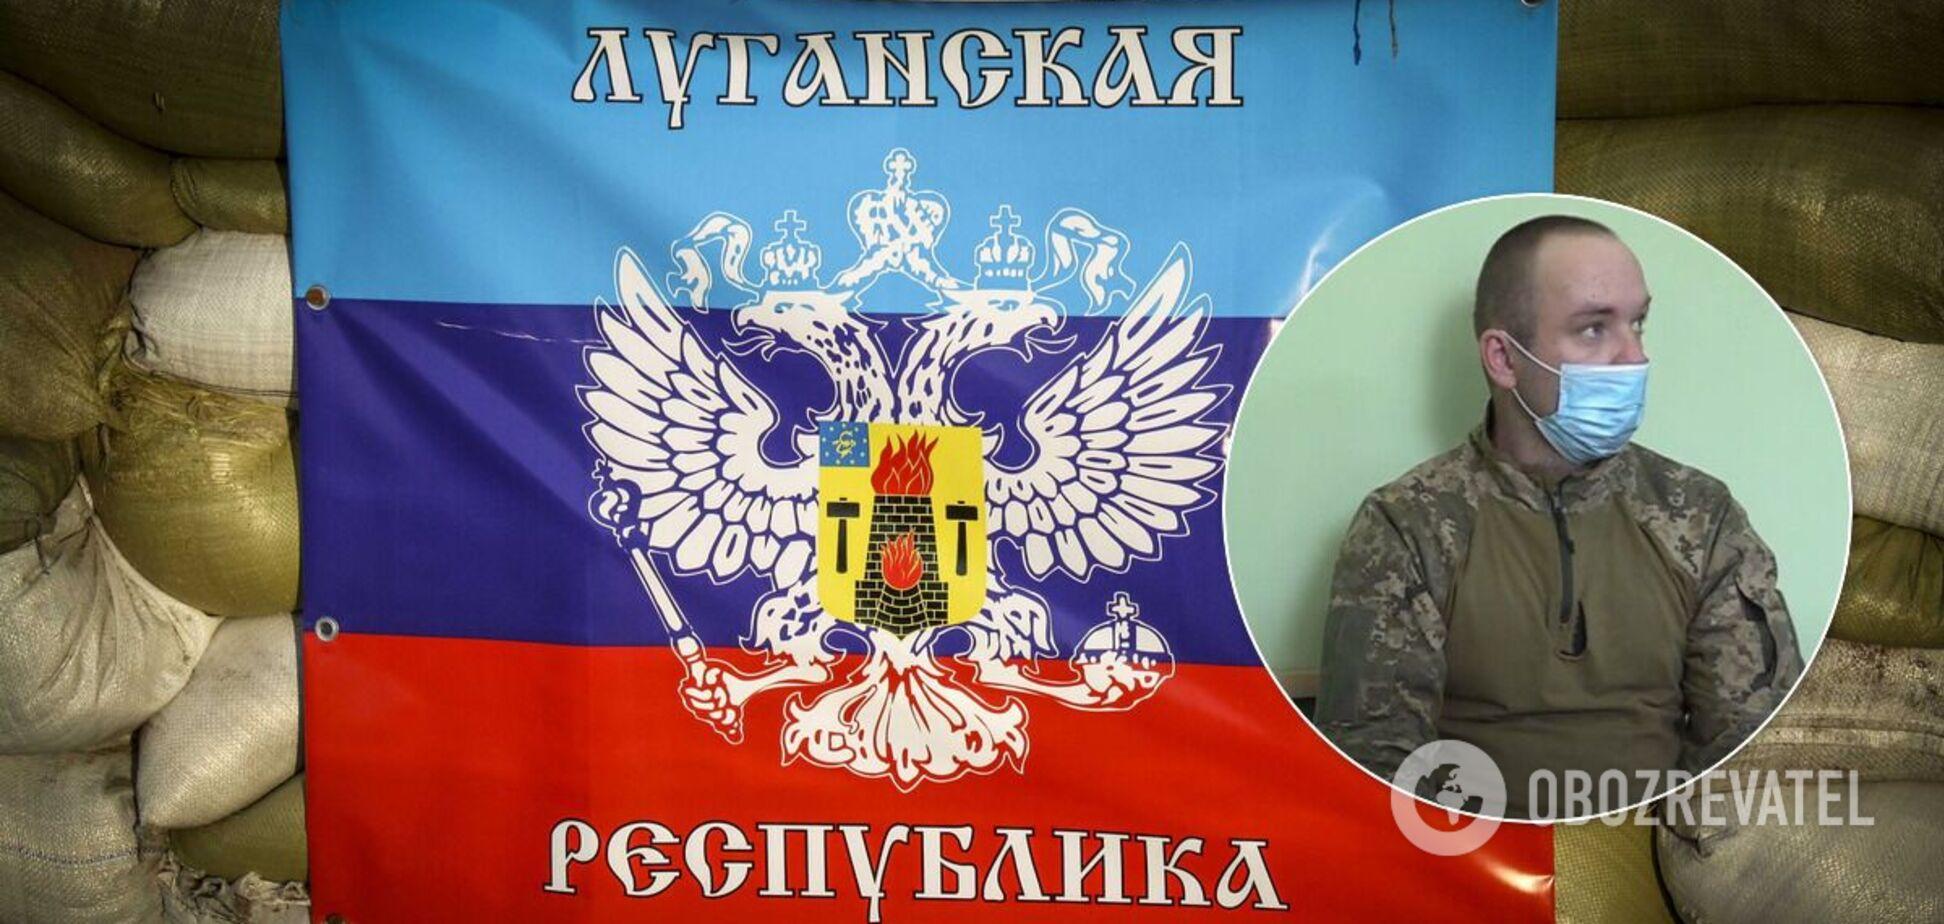 Терористи пообіцяли віддати Україні захопленого бійця ЗСУ